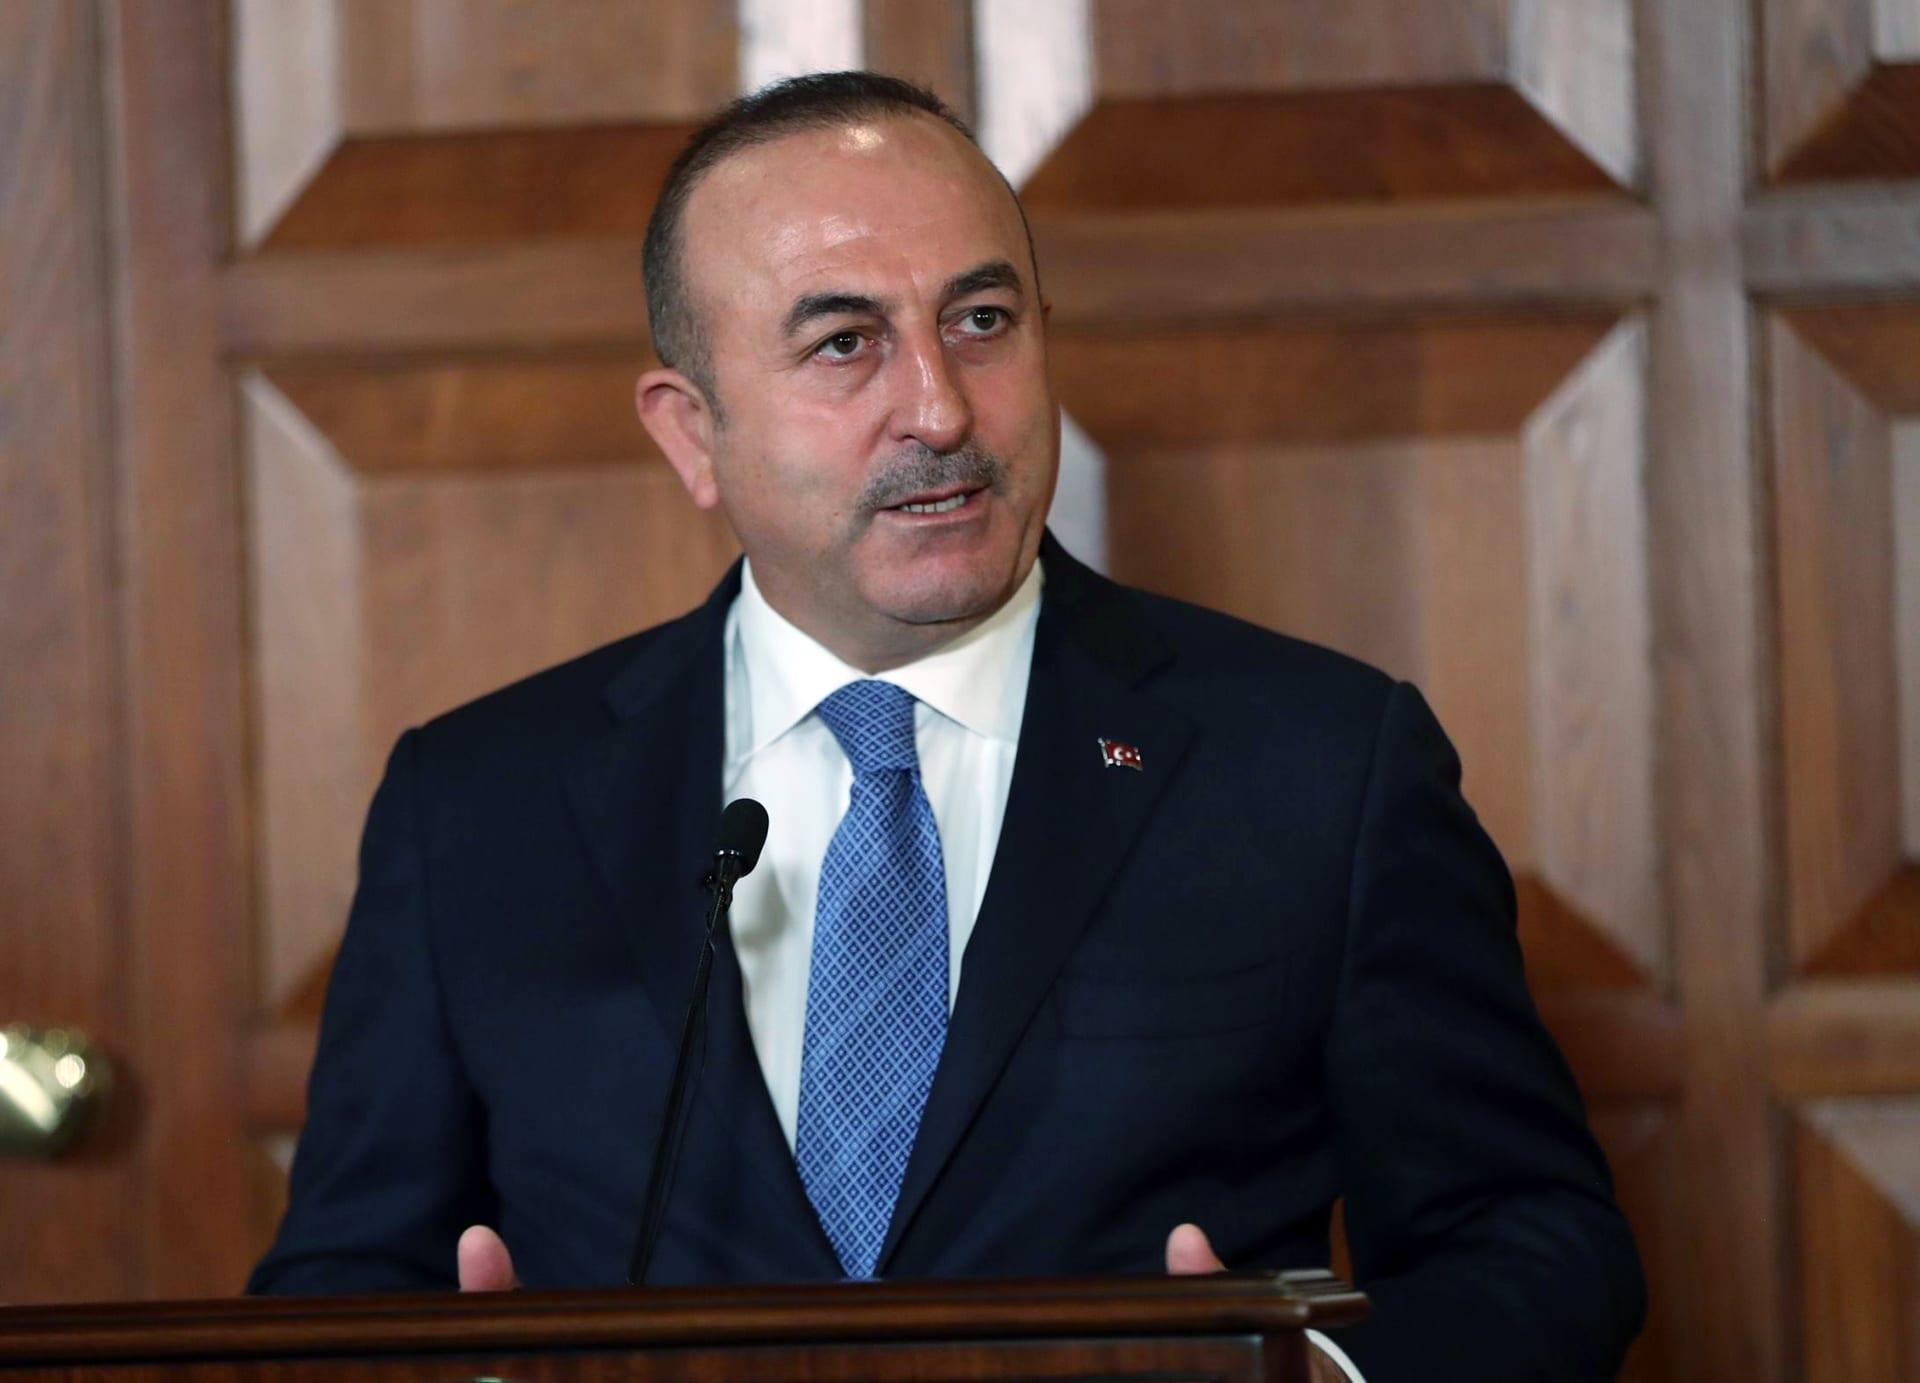 وزير الخارجية التركي: مكتب التحقيقات الفدرالي فتح تحقيقا بحق منظمة غولن